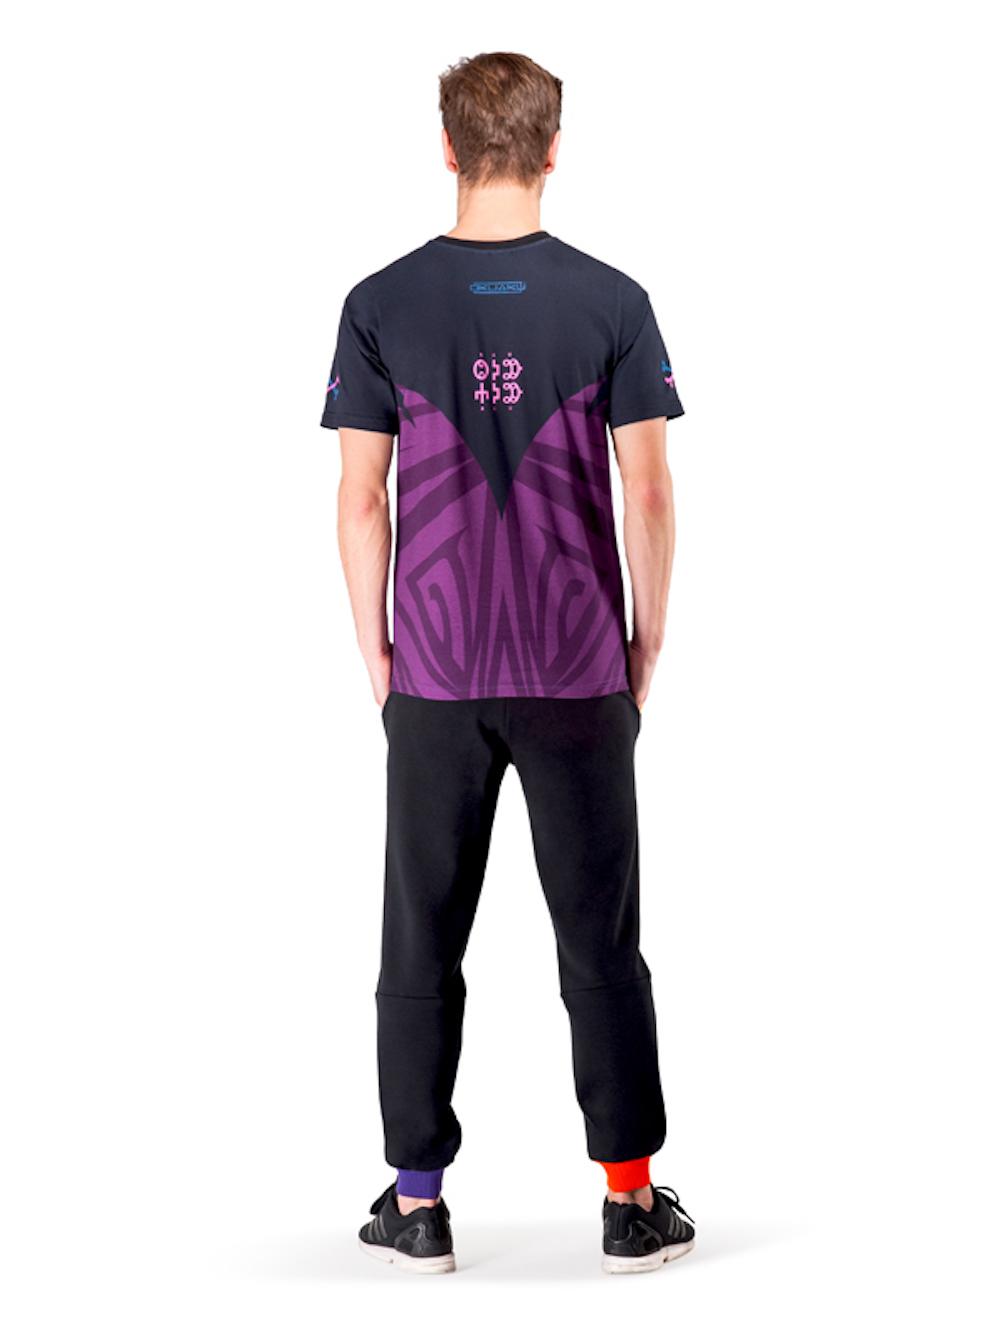 Crystal Skull T-shirt (Violet) - Okuaku